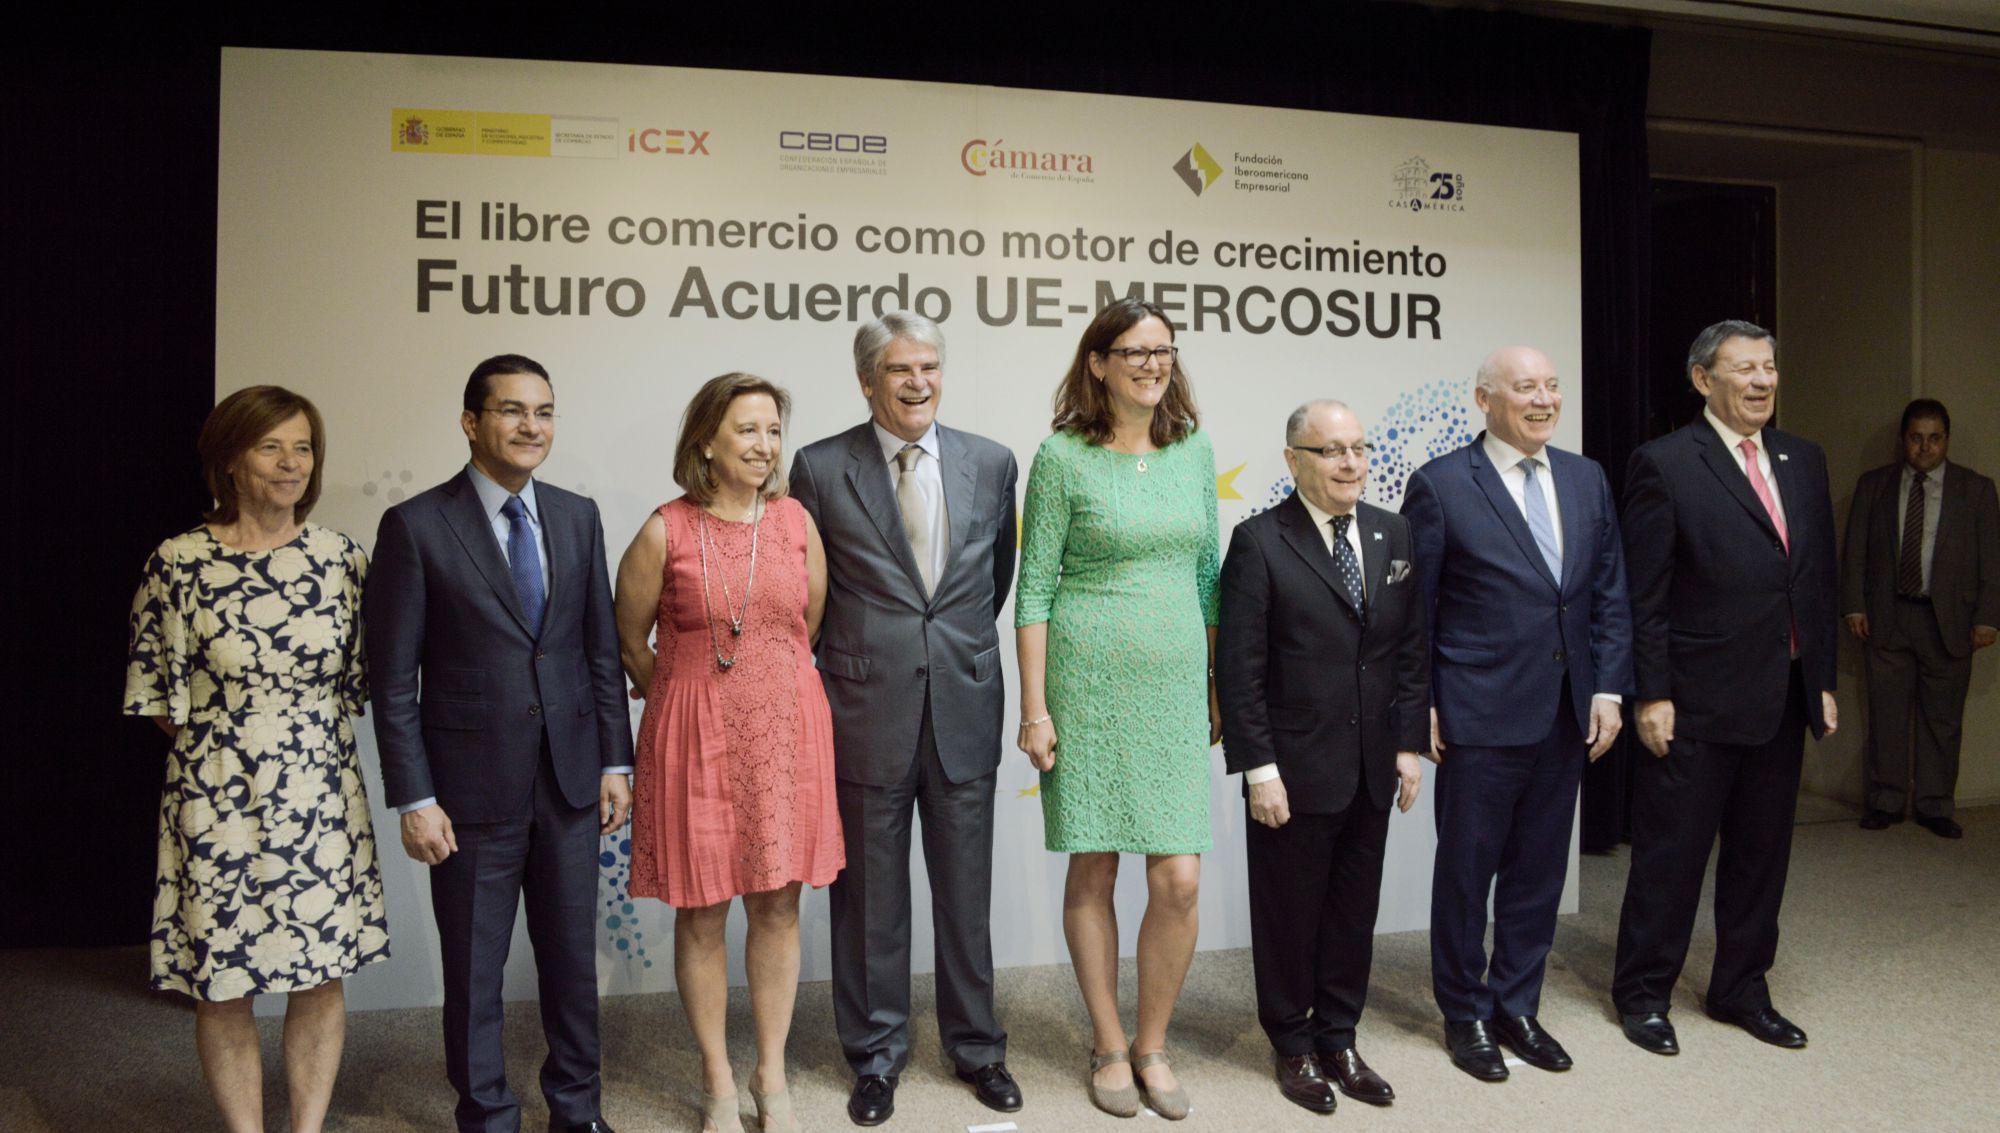 La Unión Europea, Mercosur y España posan en pro del libre comercio / ALN: Malala Sansur